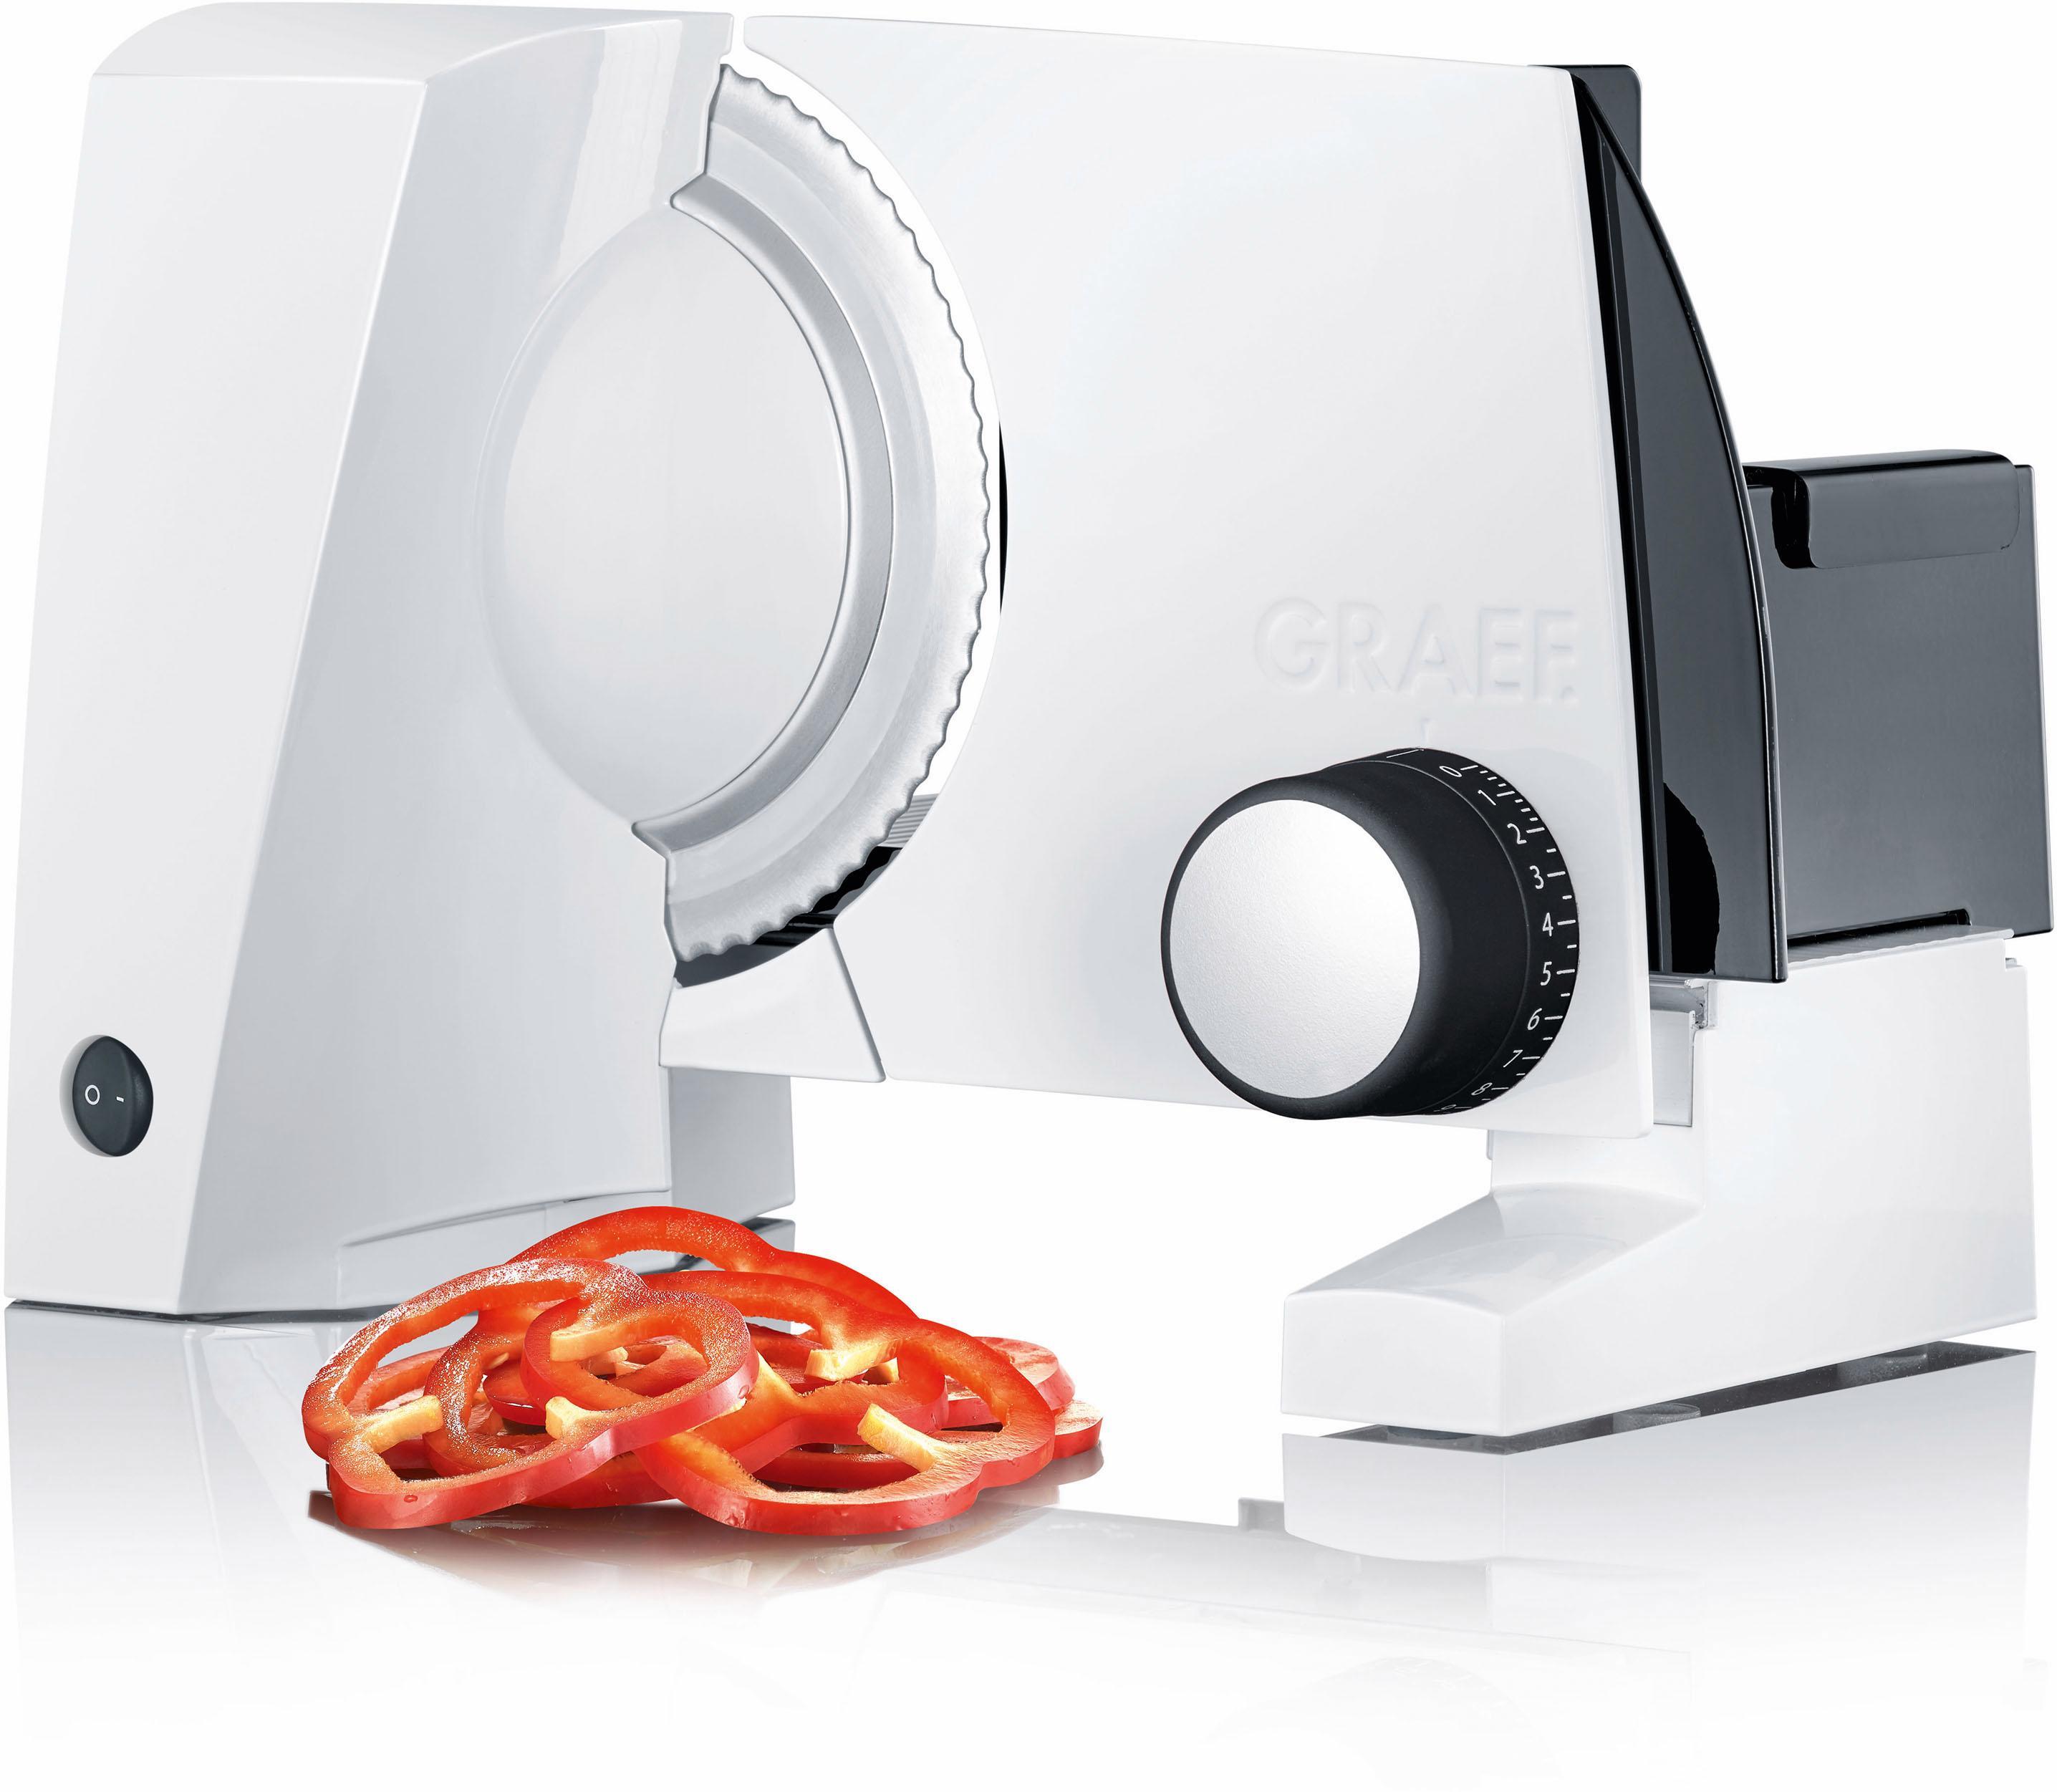 Graef Allesschneider Sliced Kitchen Sks S10001 170 Watt